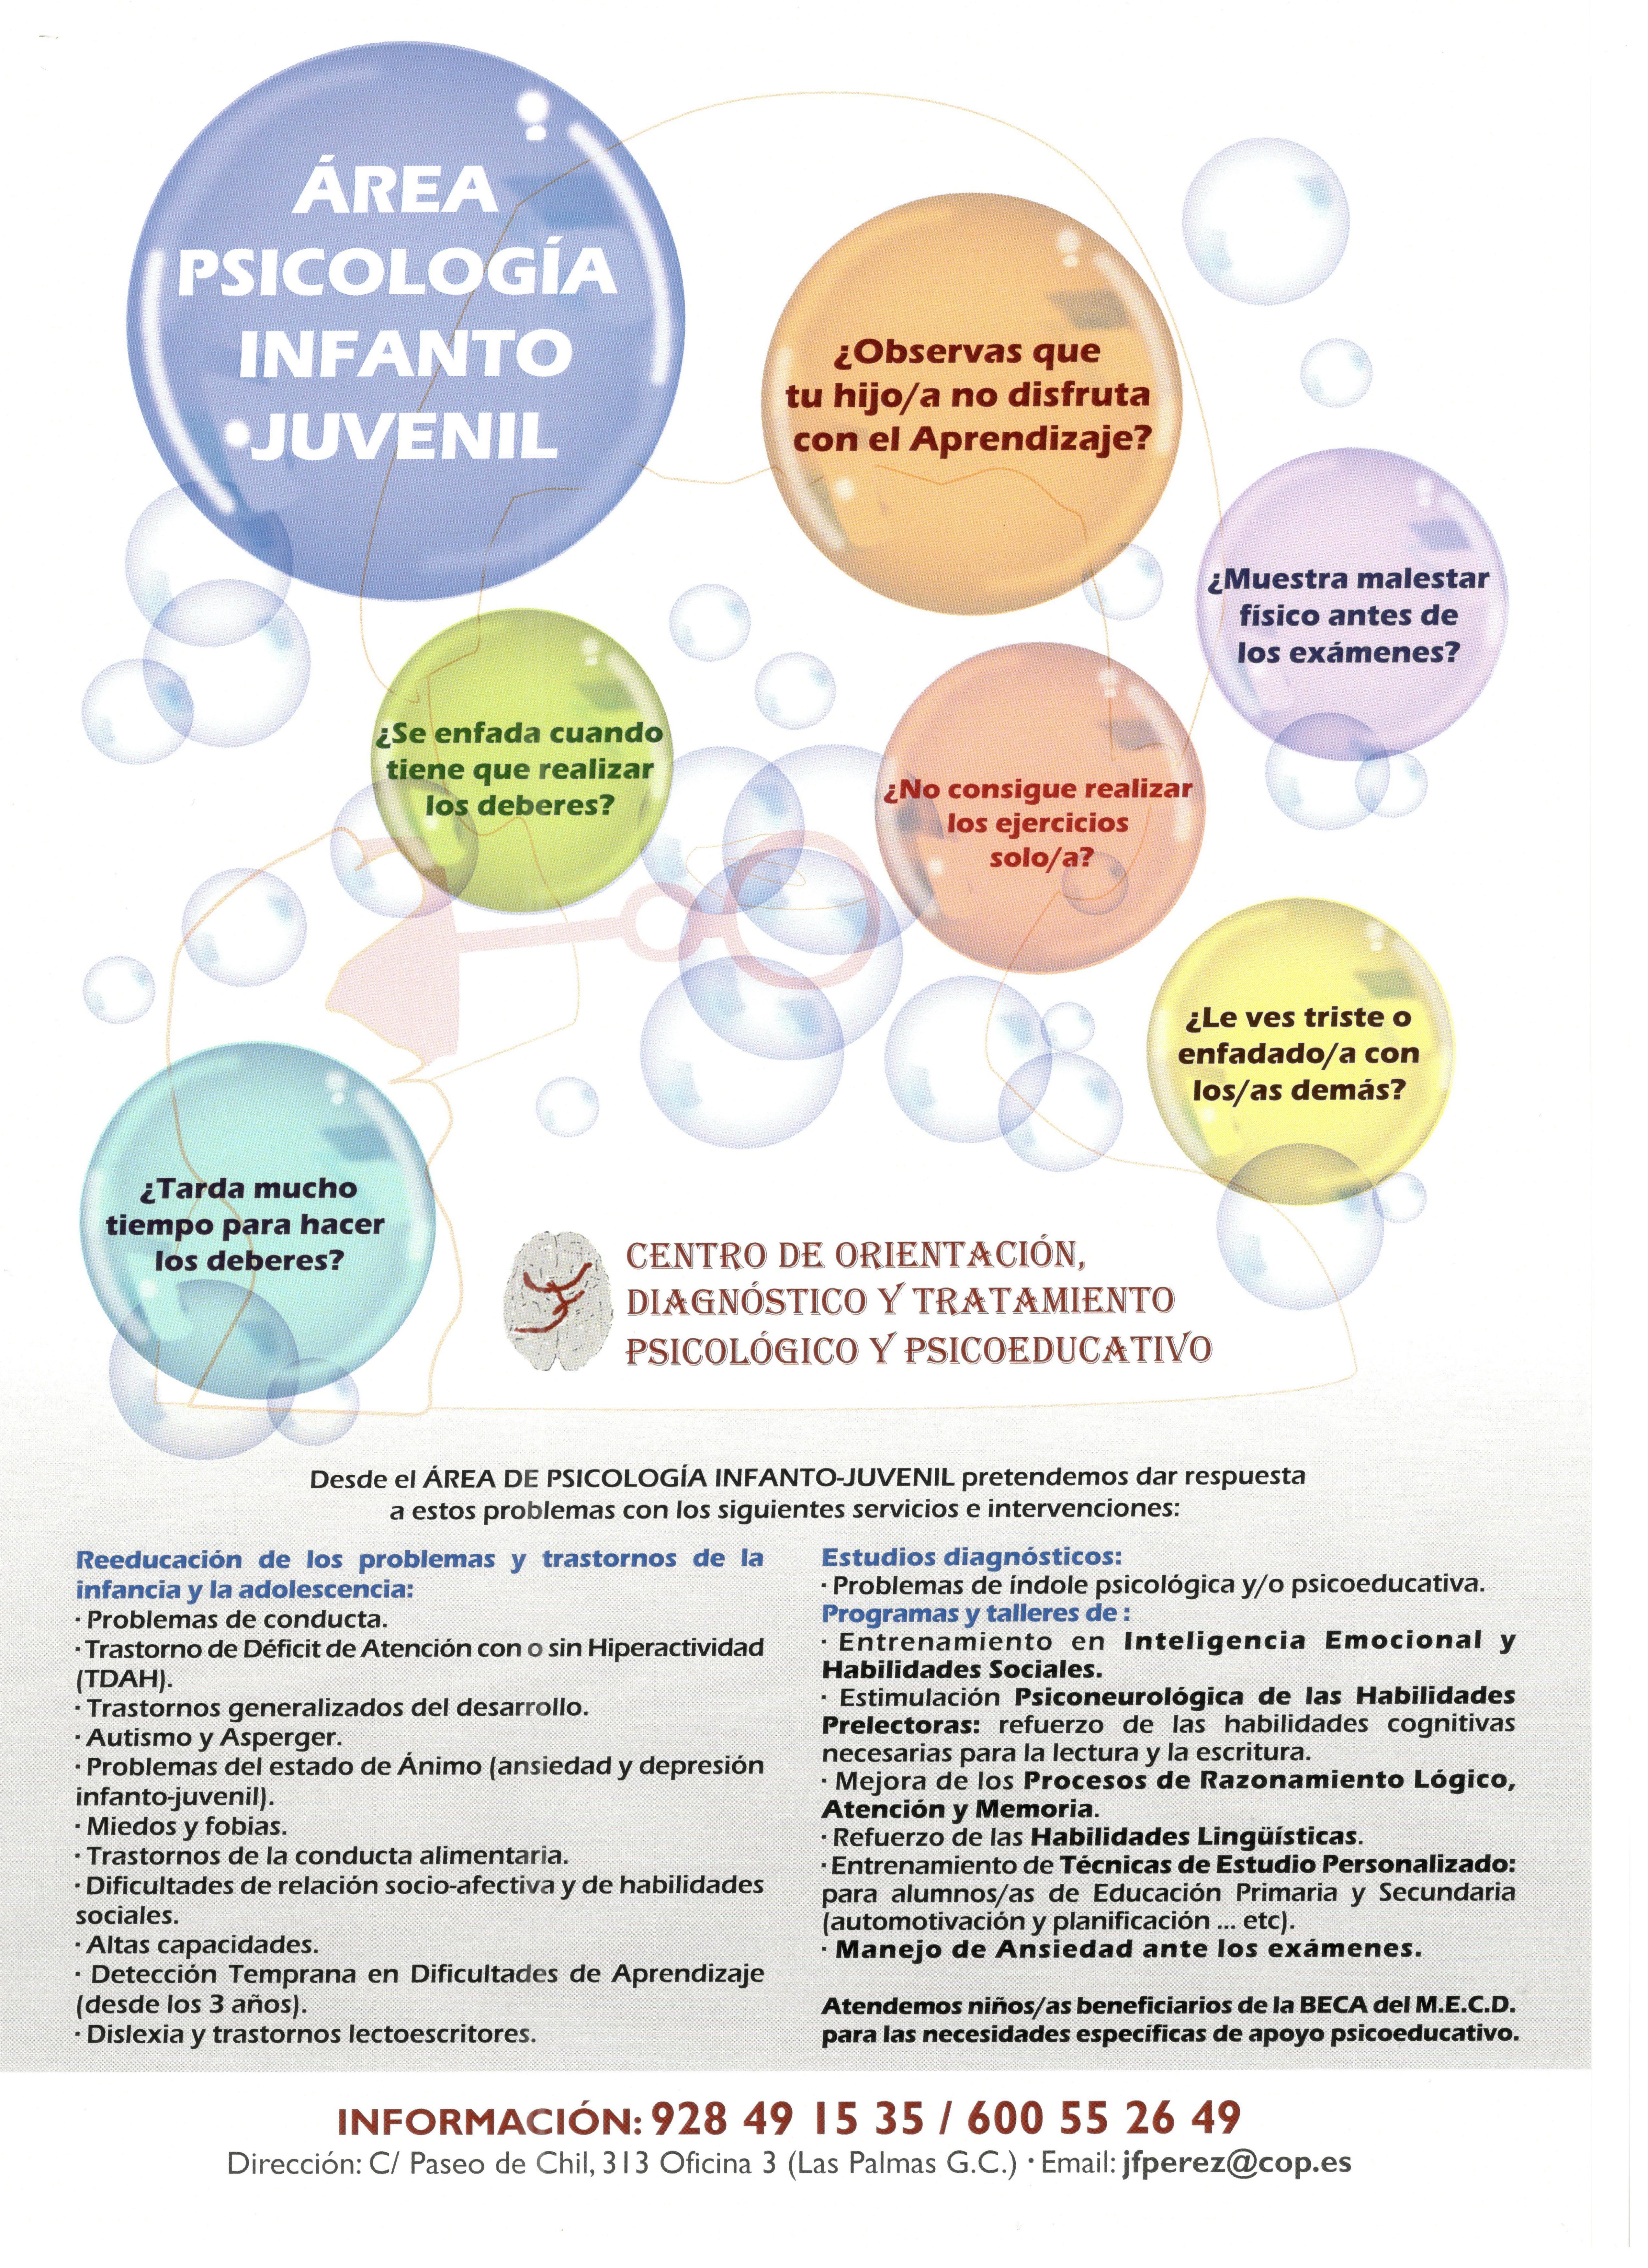 ÁREA DE PSICOLOGÍA INFANTO-JUVENIL